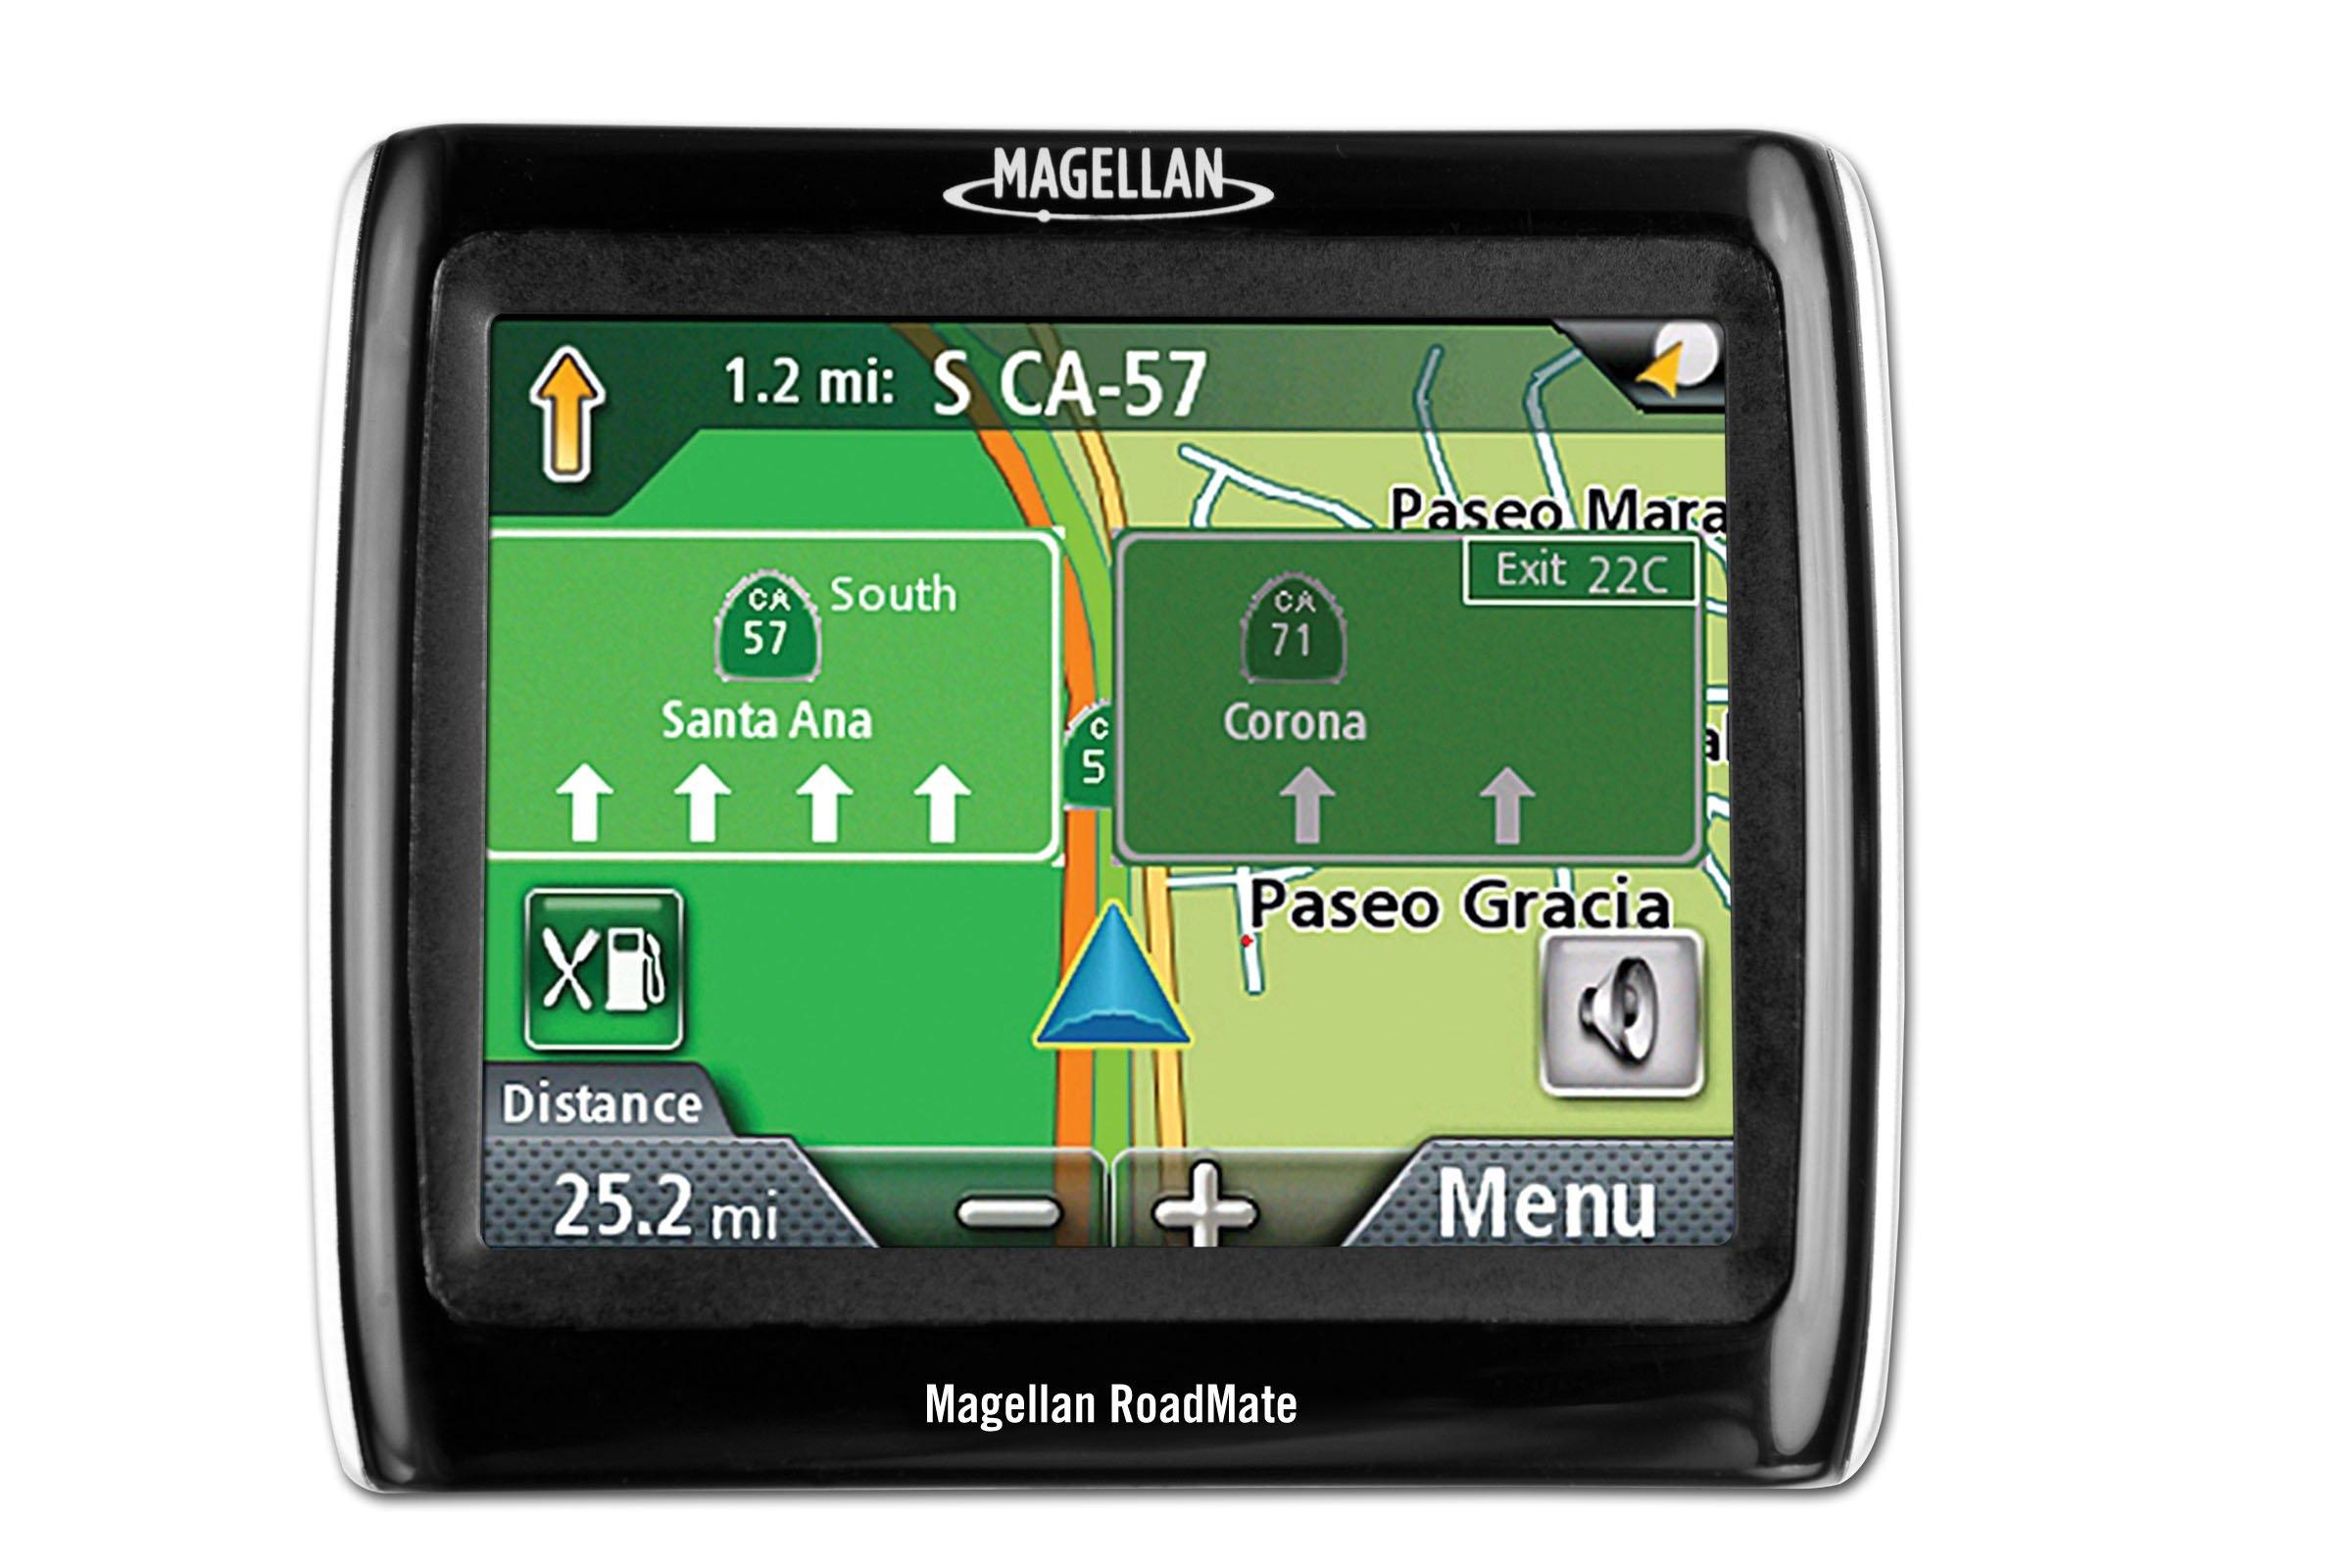 Magellan RoadMate 1324 GPS - FAST FREE S/H USA by Magellan